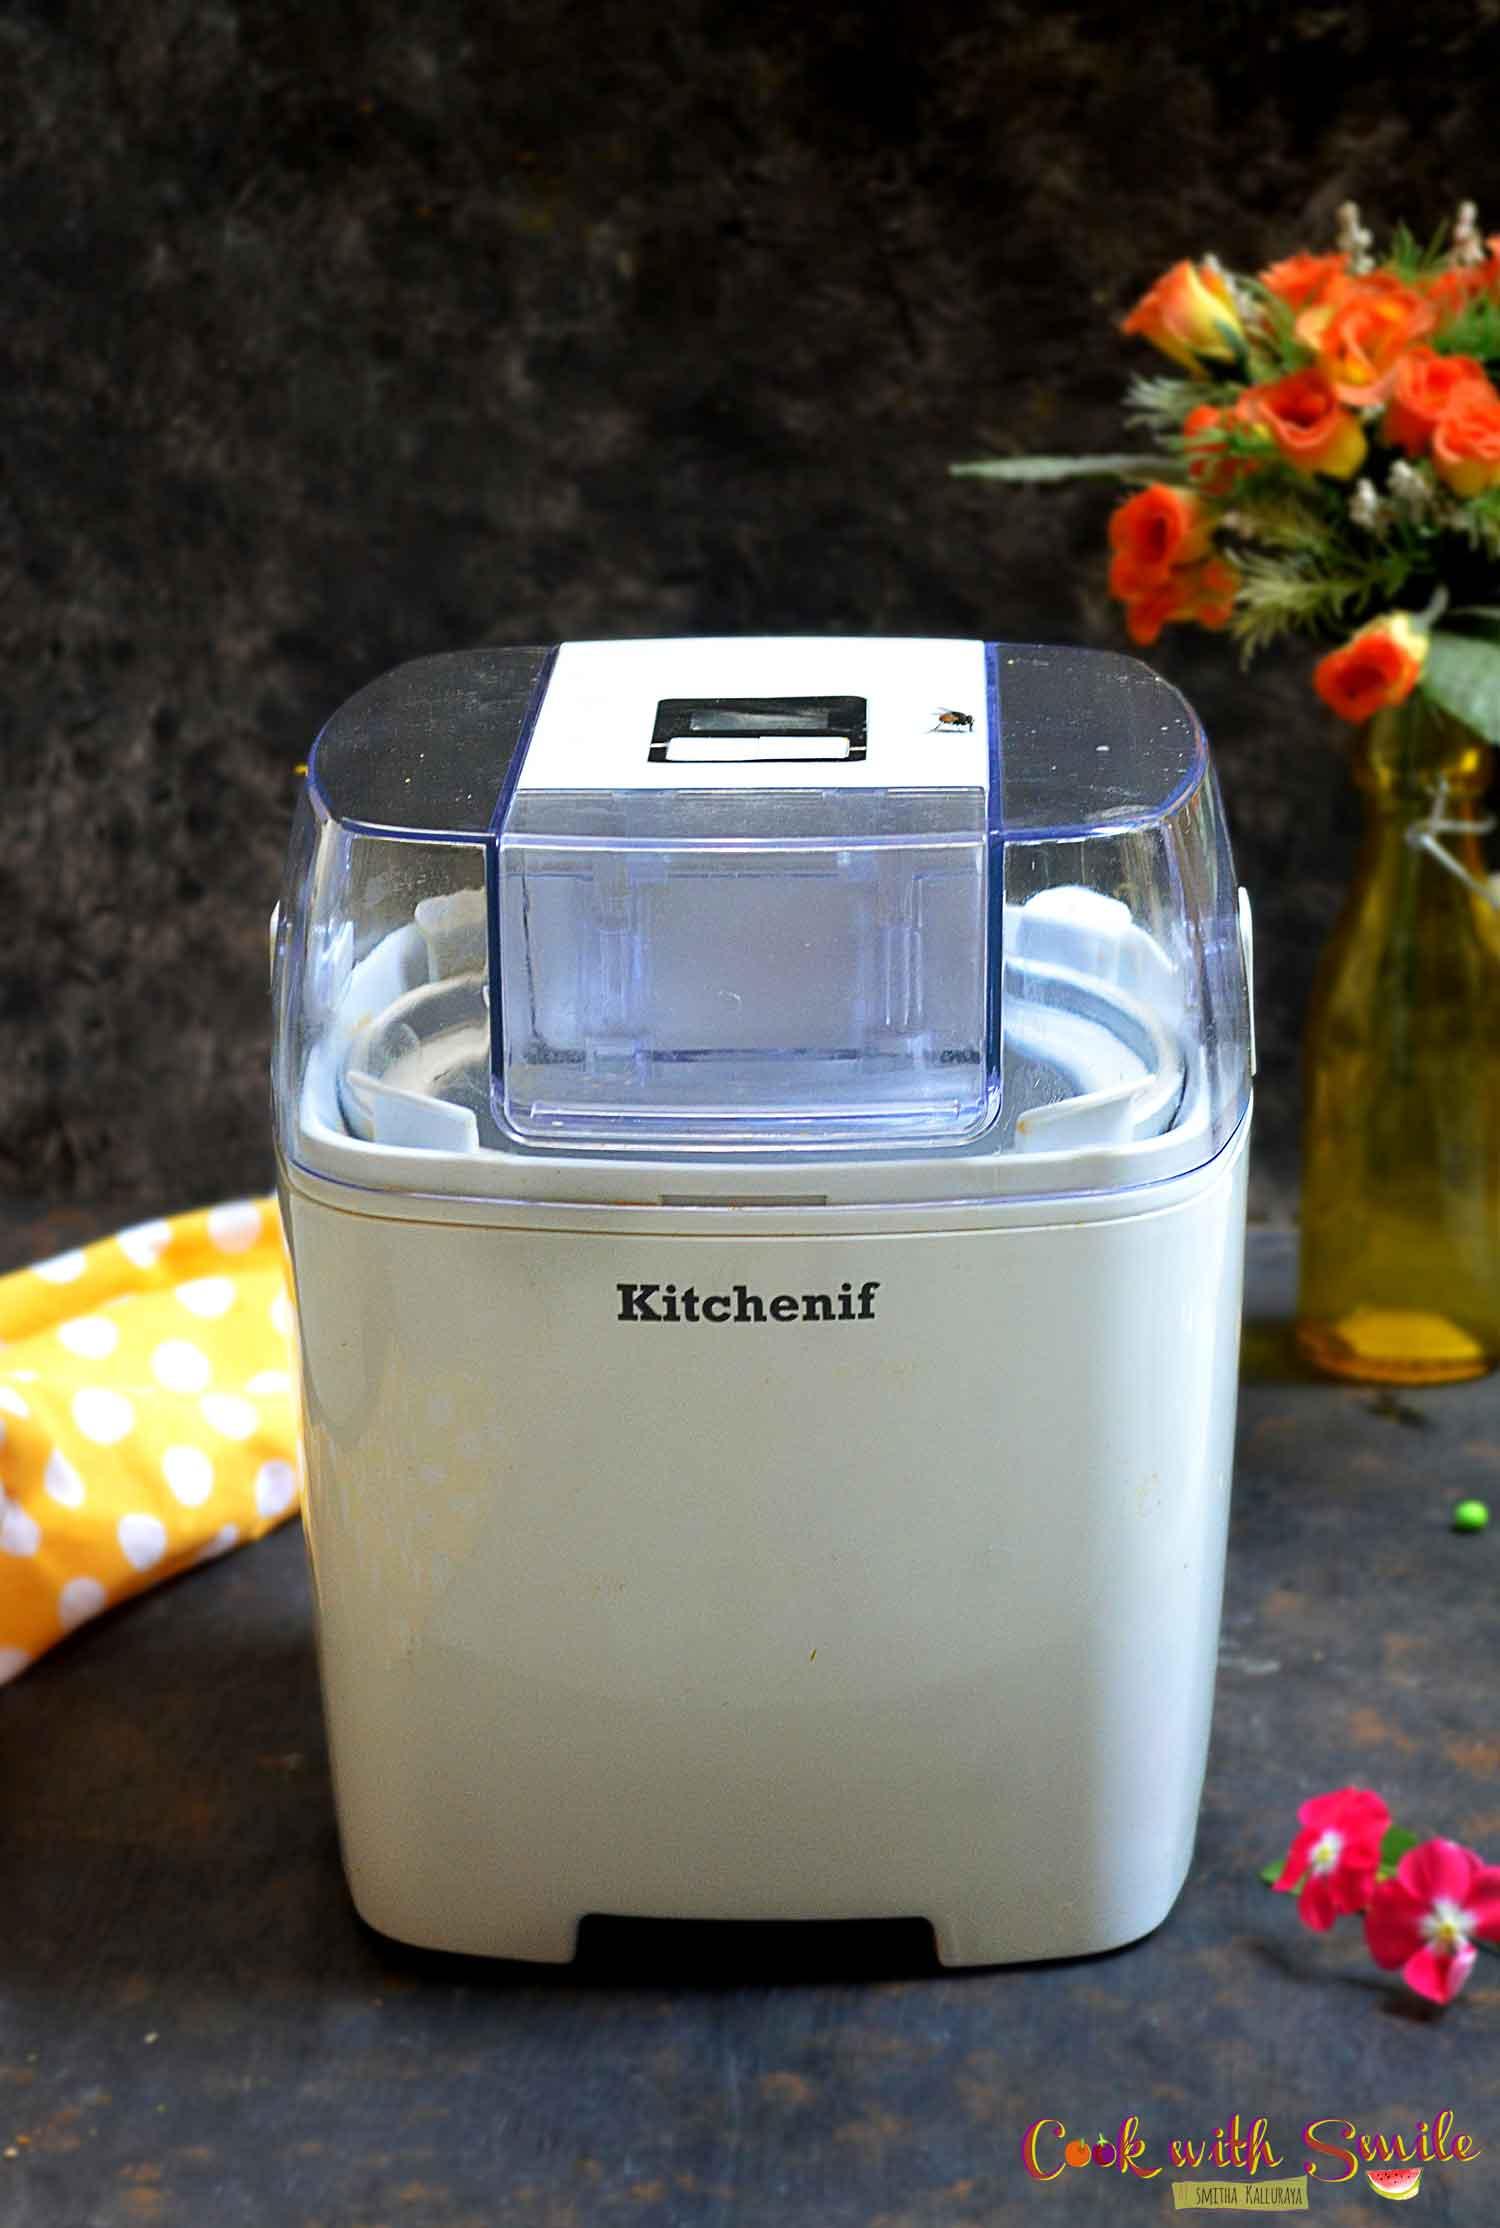 kitchenif icecream maker